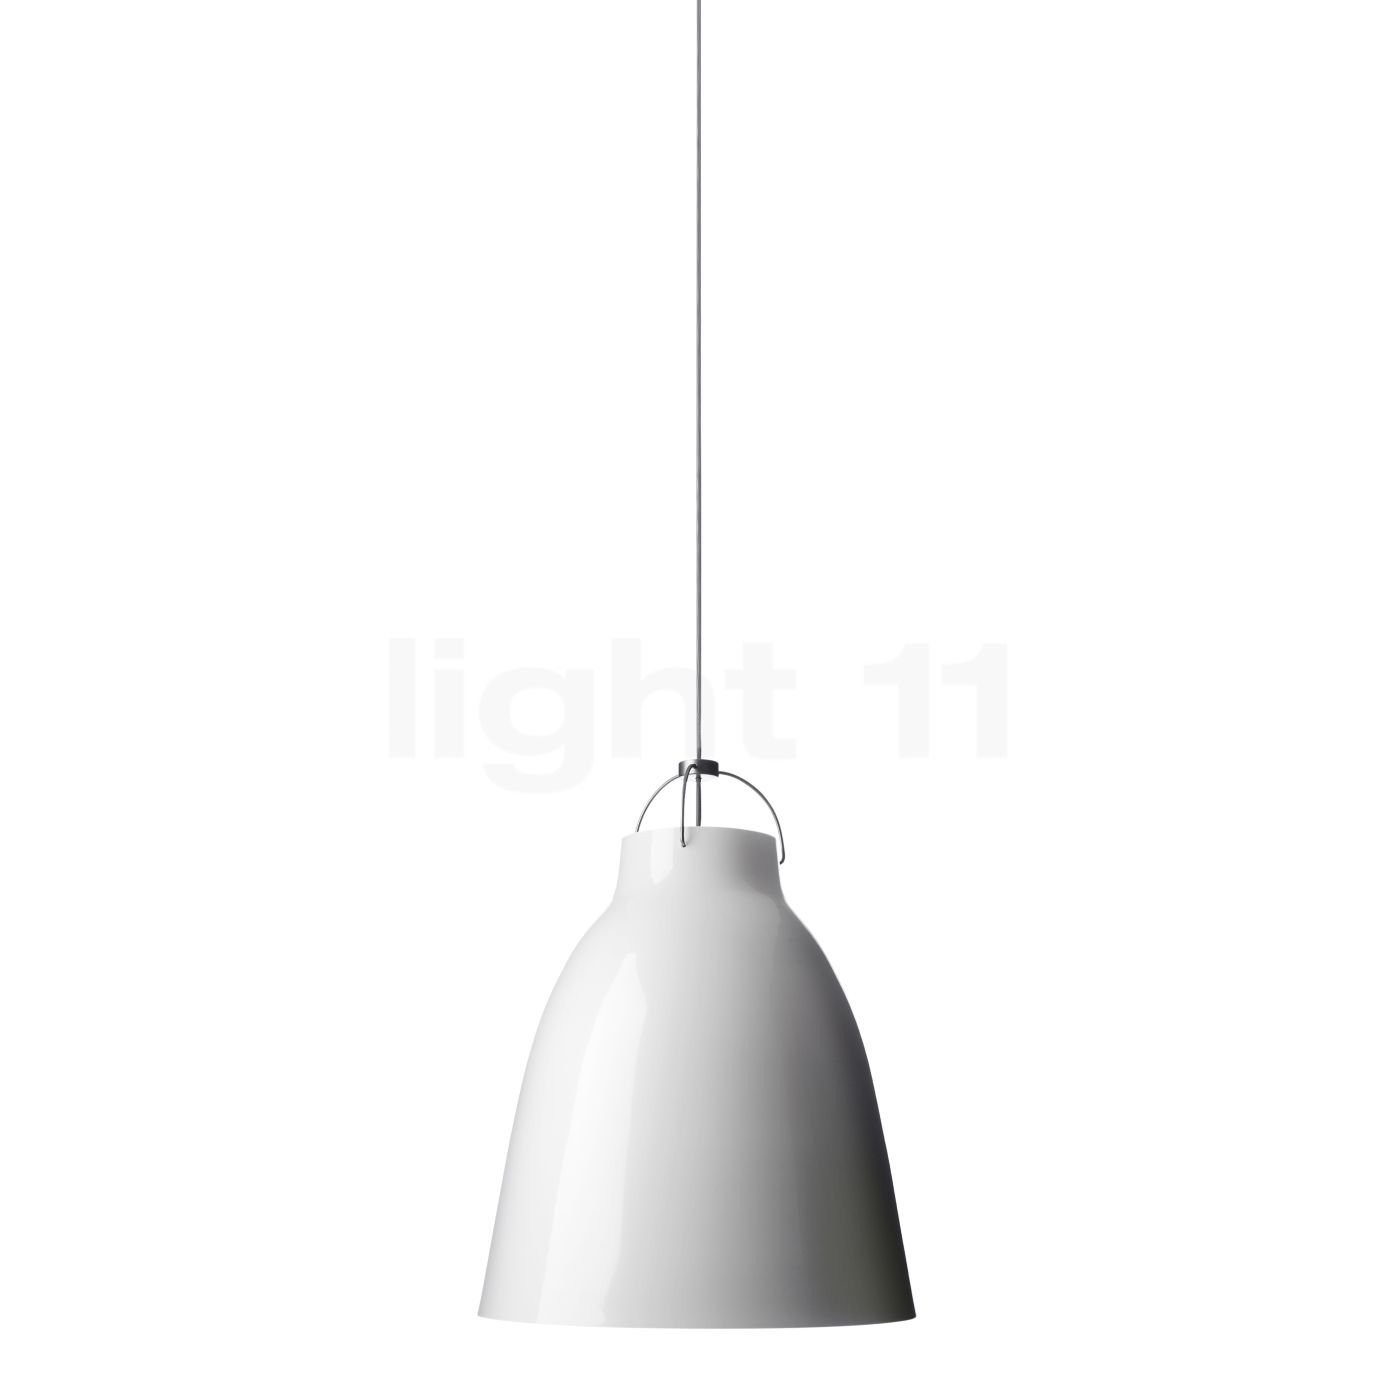 Fritz Hansen Caravaggio P1, weiß/Kabel grau 54006905